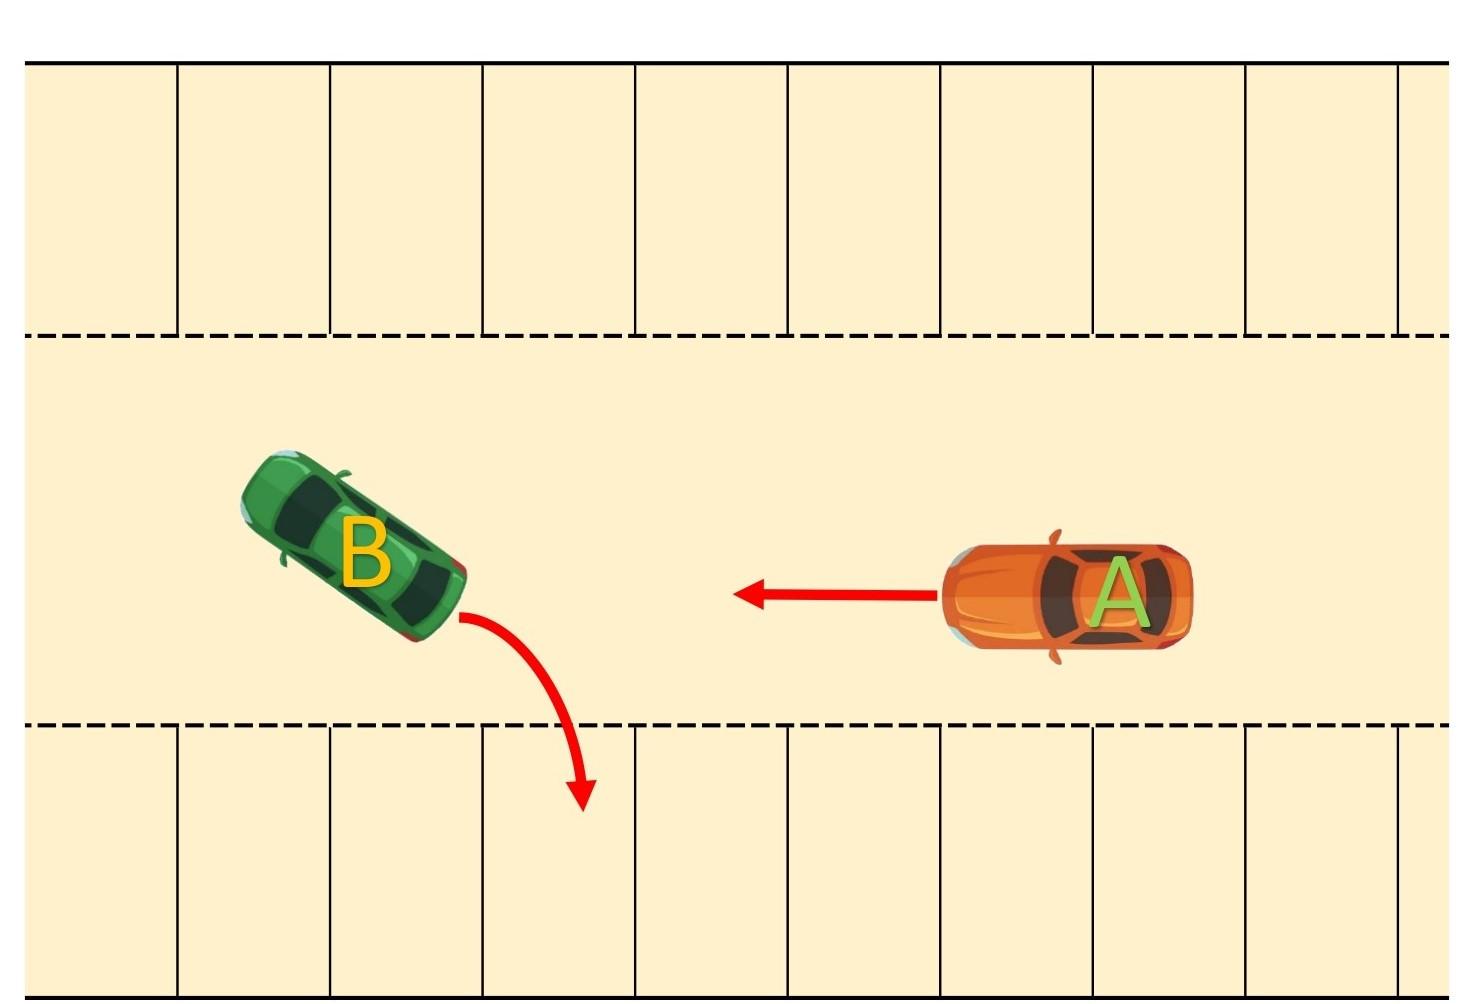 【図】車同士/駐車場内/通路を進行する車と通路から駐車区画に進入する車